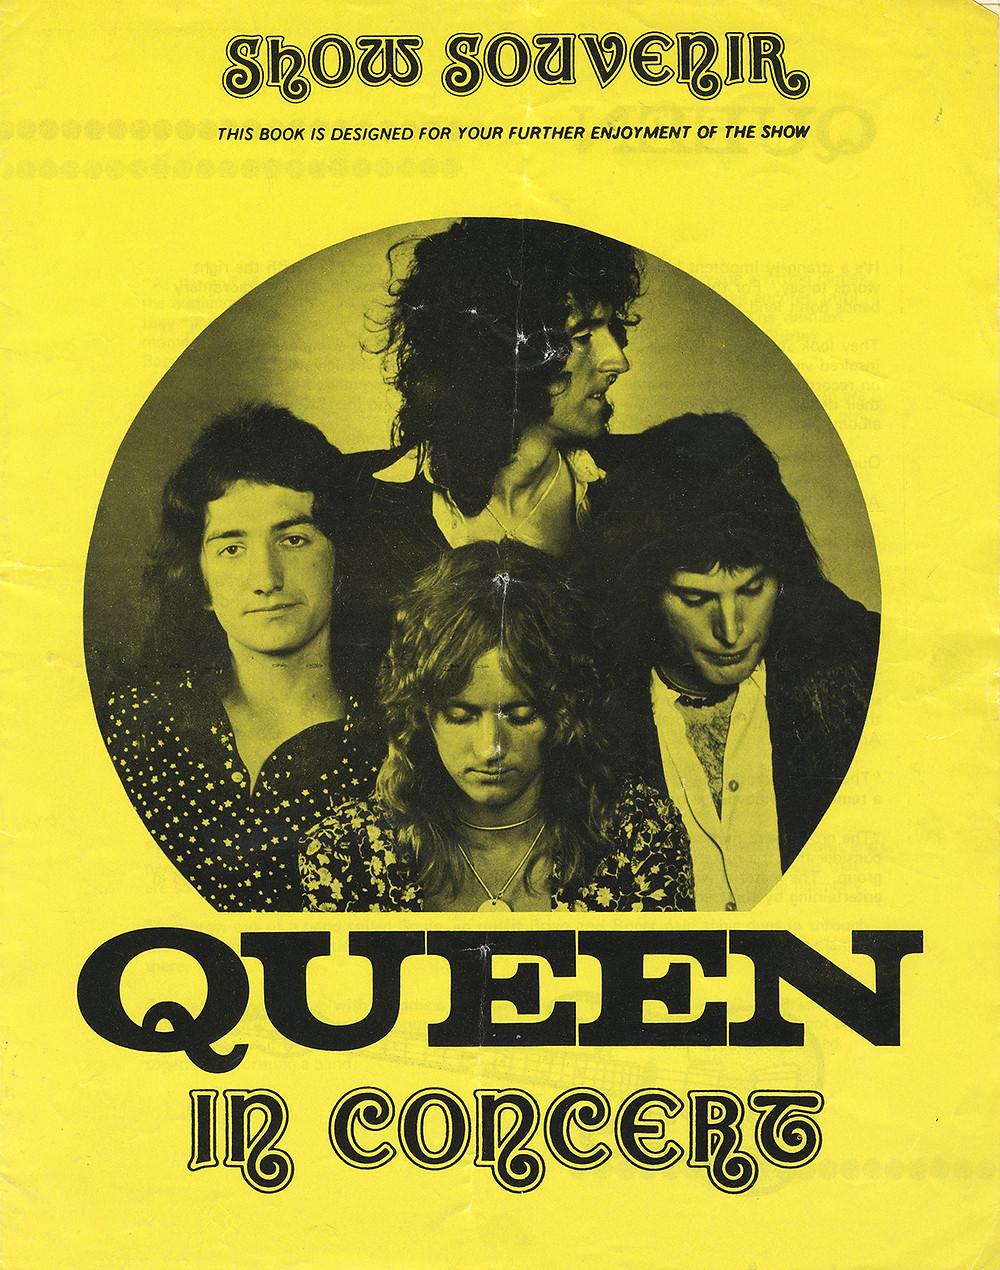 Show Souvenir of Queen in Concert 1973/74